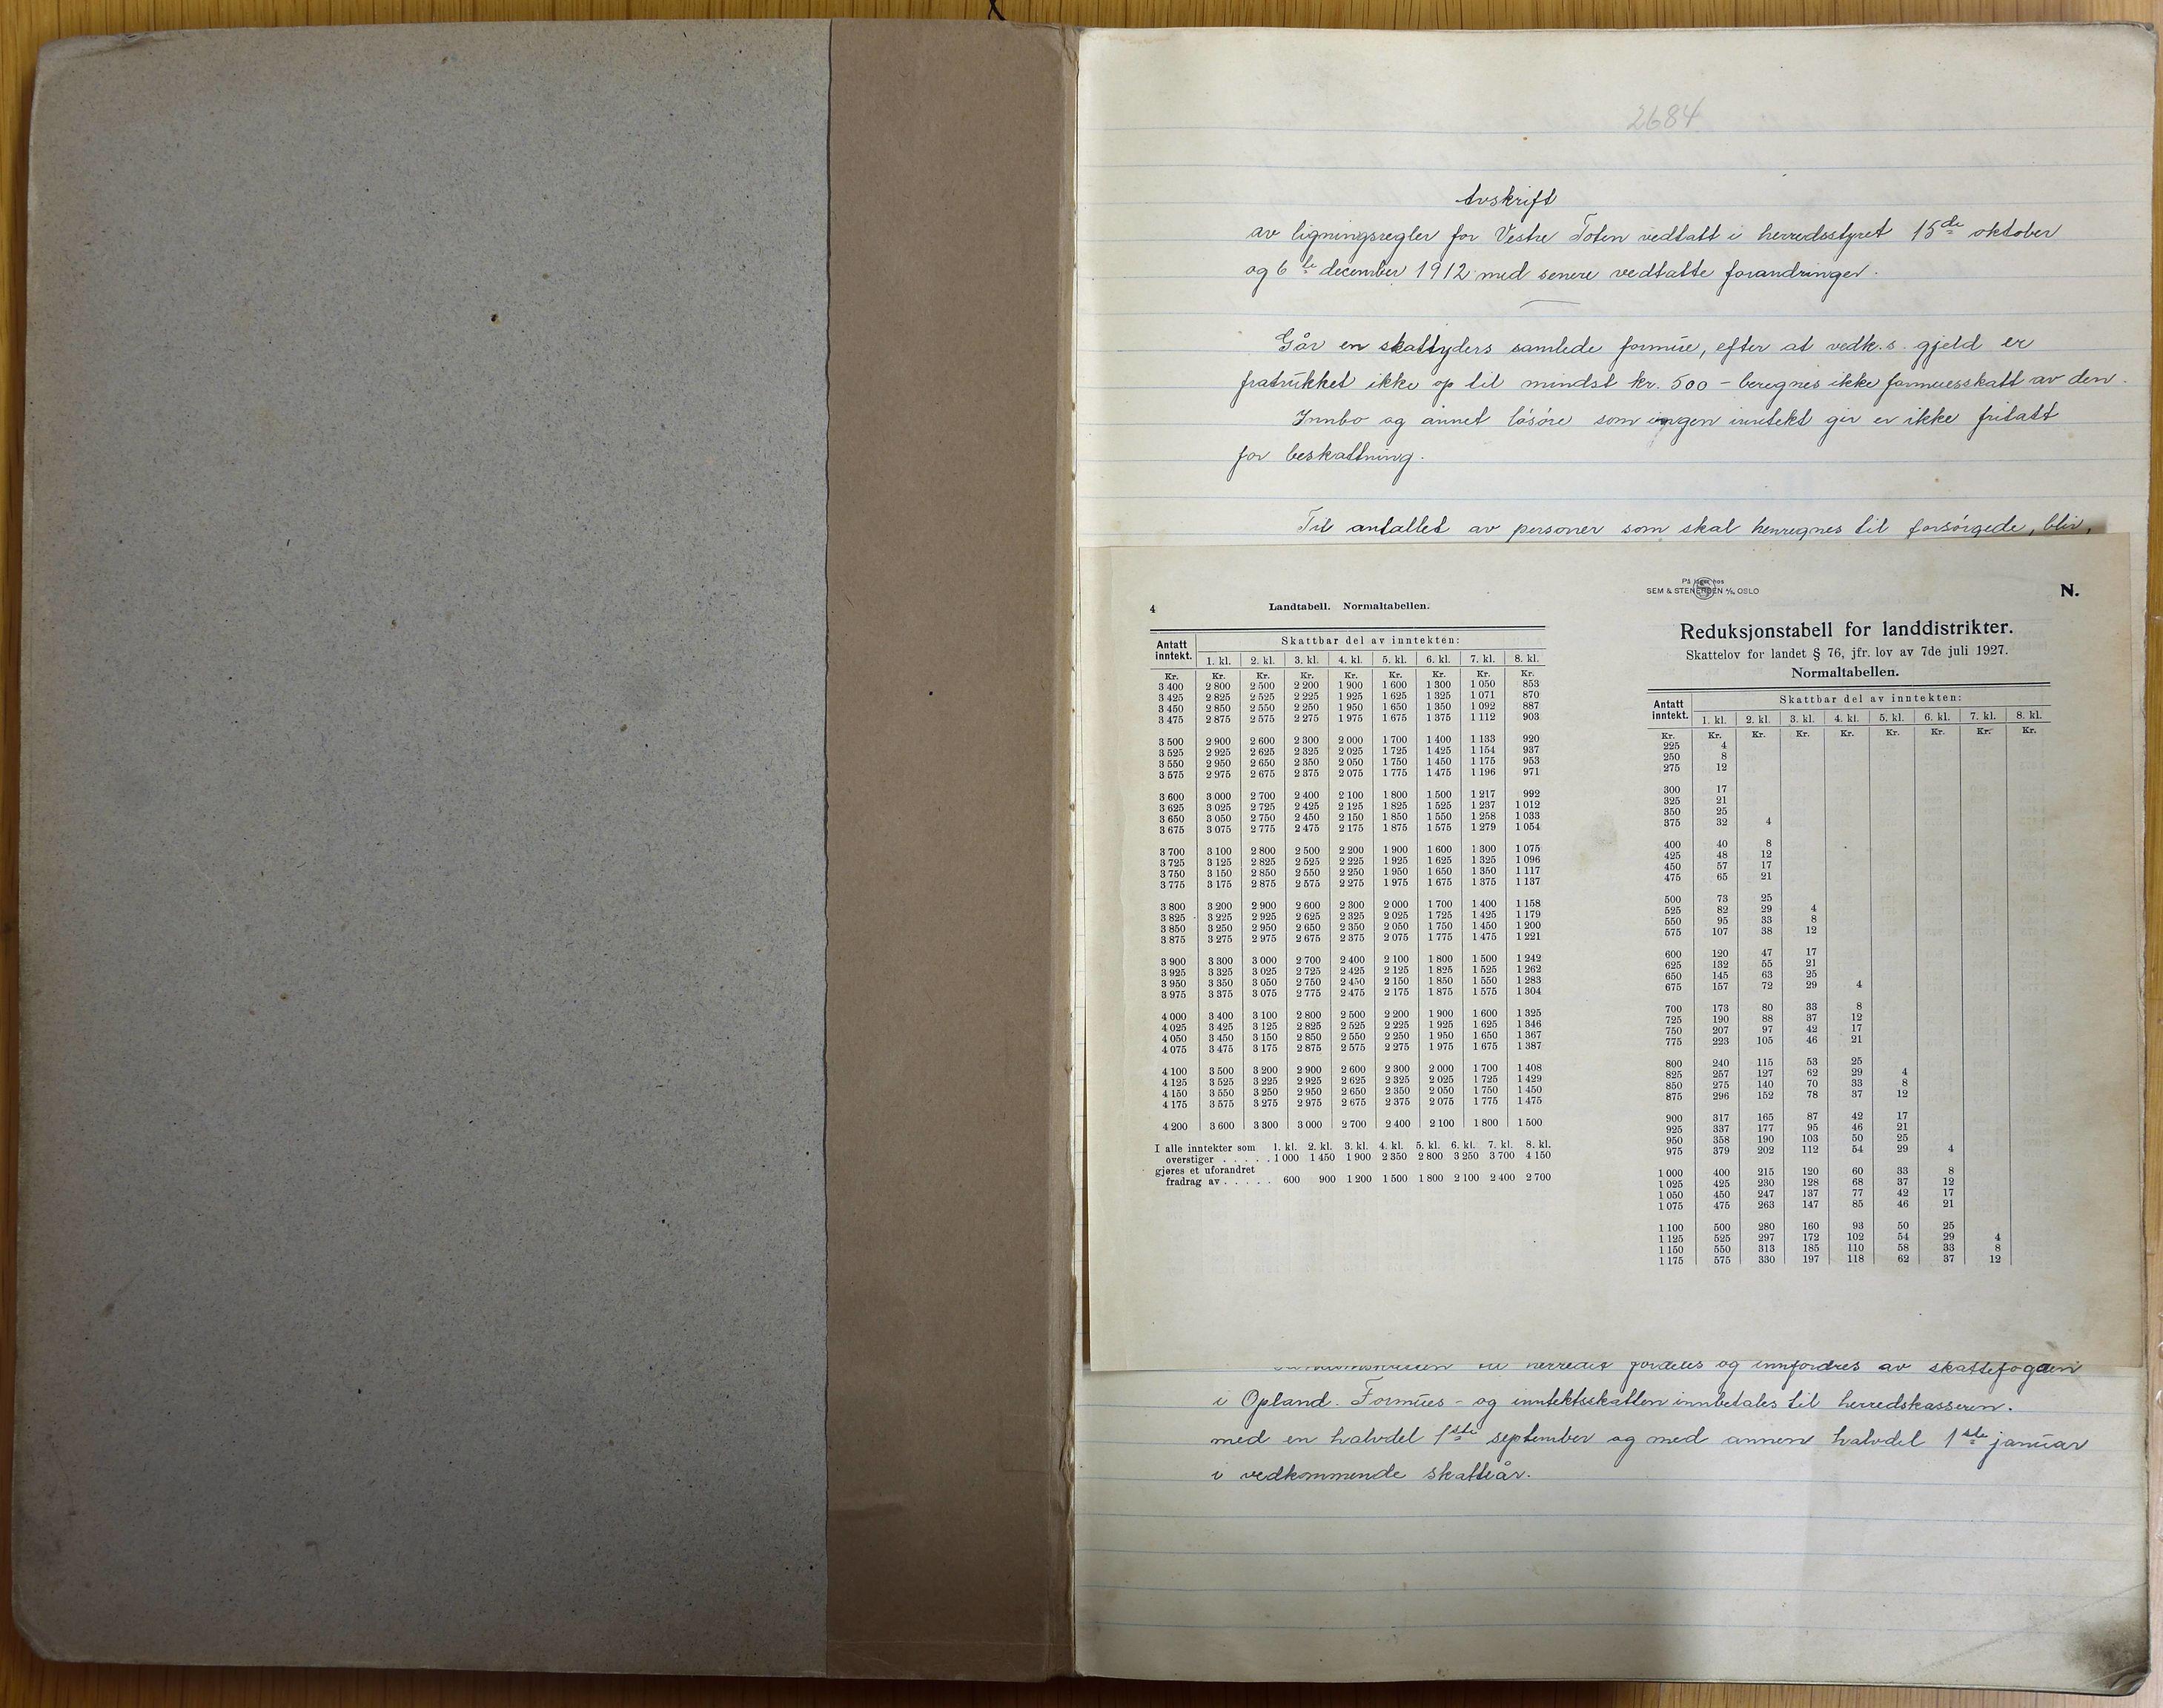 KVT, Vestre Toten kommunearkiv: Vestre Toten kommune, Avskrift av ligningsprotokollen for budsjettåret 1933-1934 i Vestre Toten skattedistrikt, 1933-1934